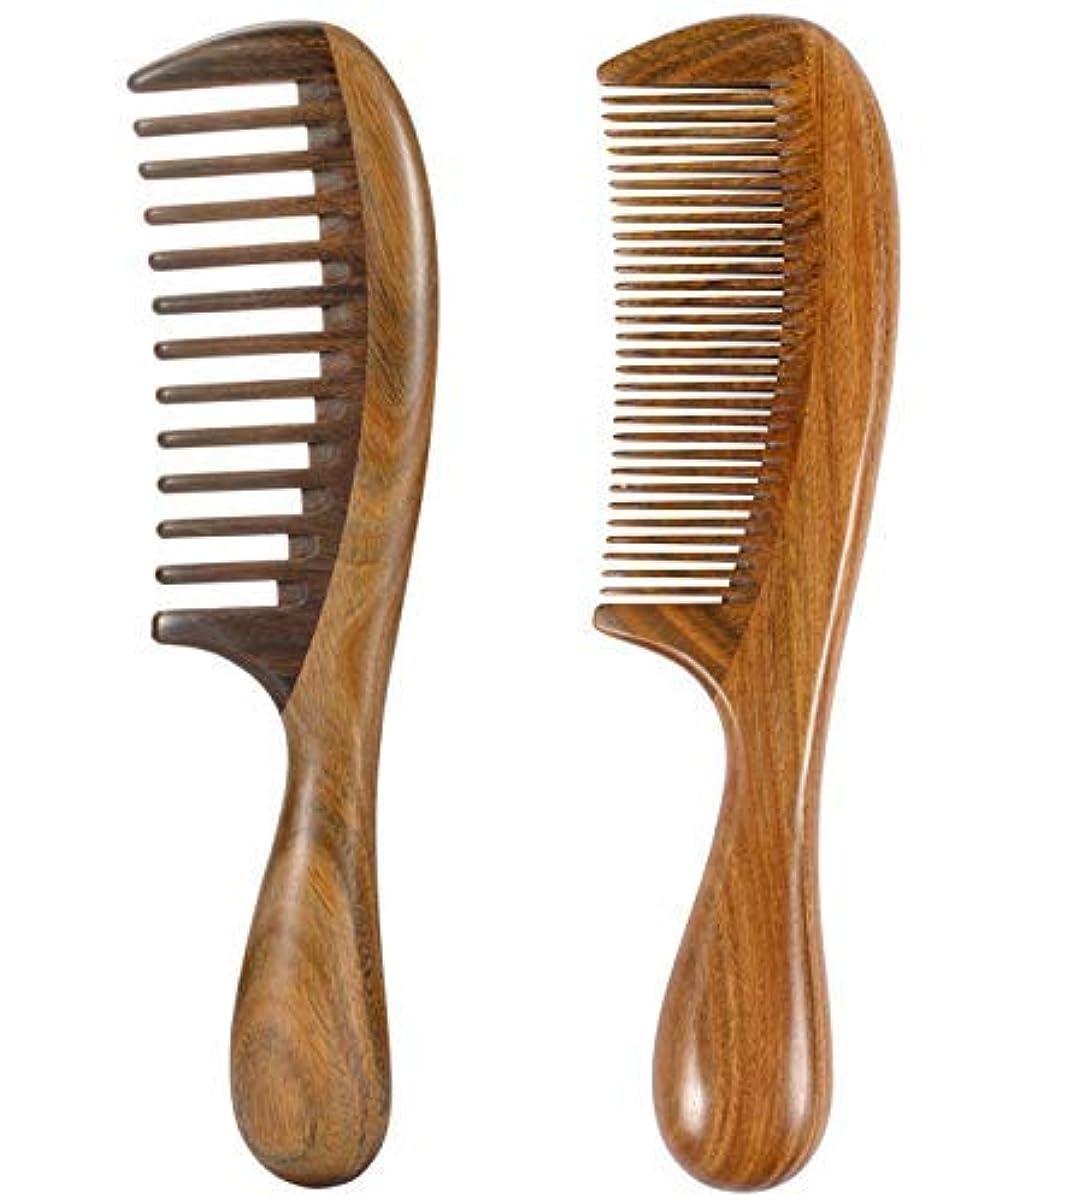 チャーム定規贅沢なiPang 2pcs Wooden Hair Comb Wide Tooth Comb and Find Tooth Comb Detangling Sandalwood Comb [並行輸入品]